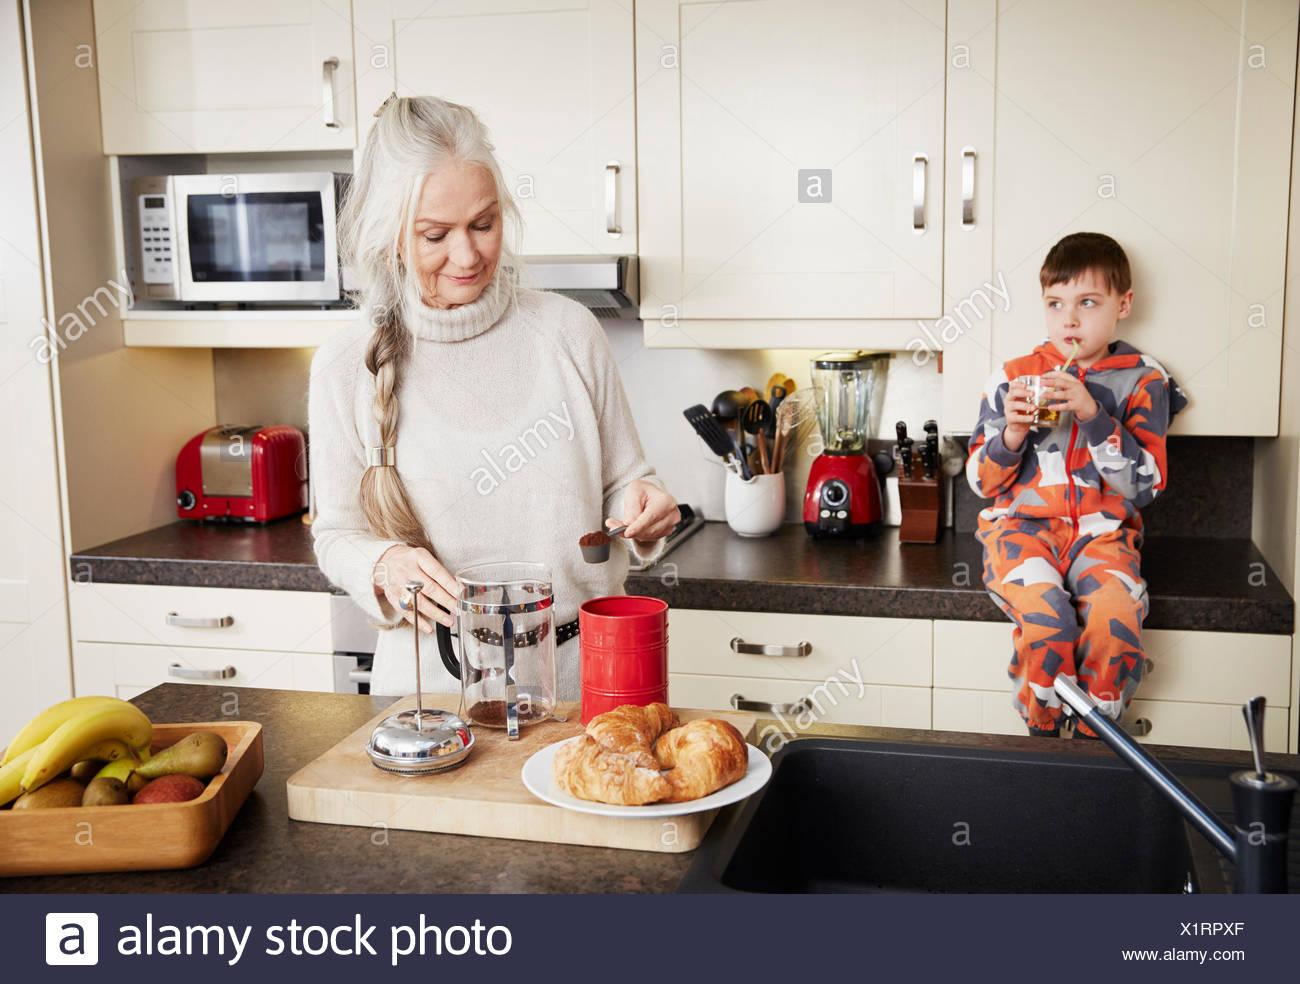 Grand-mère faire le café, petit-fils assis sur le comptoir de la cuisine Photo Stock